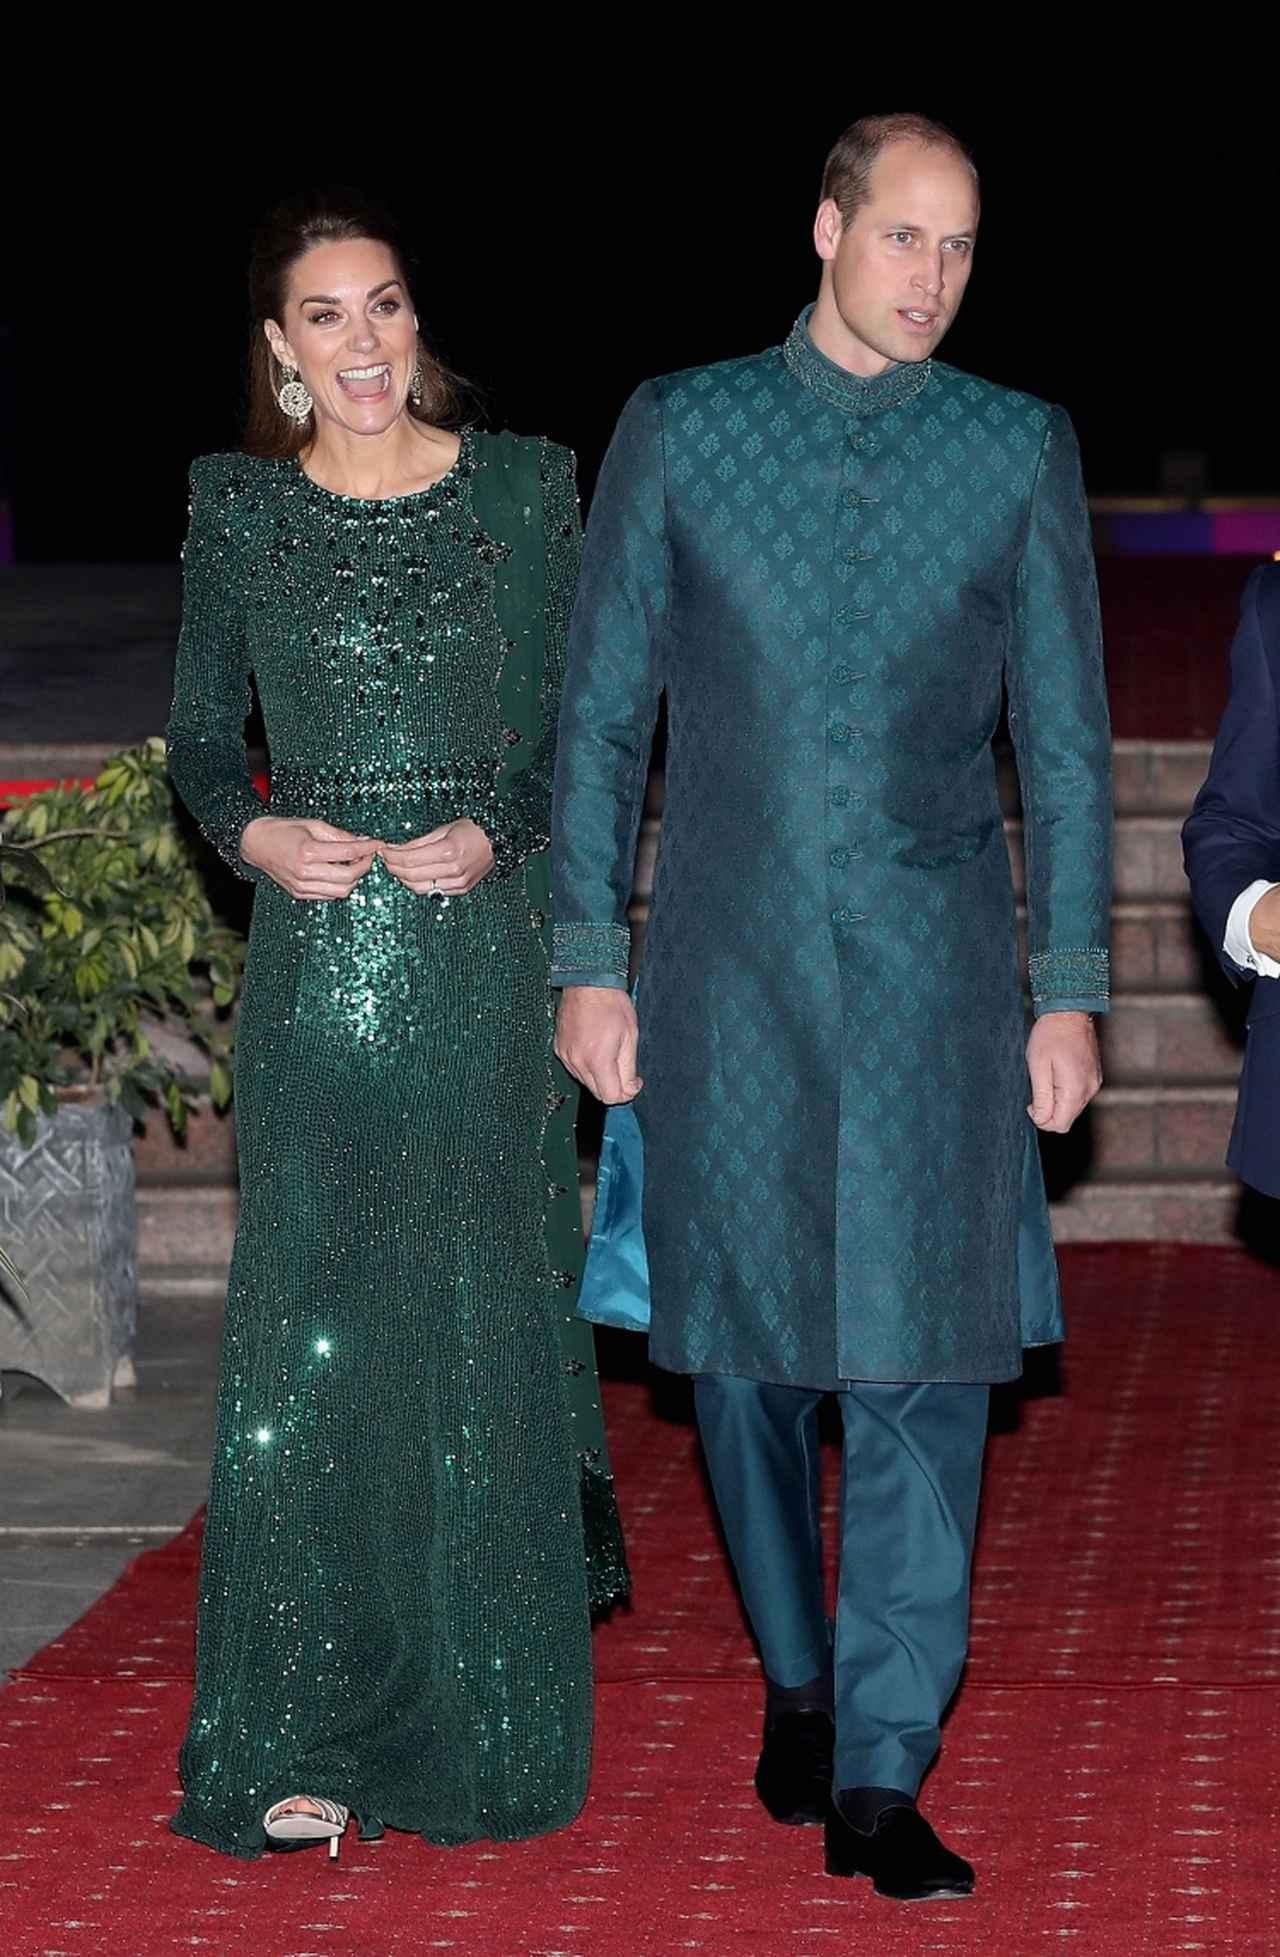 画像: キャサリン妃はお気に入りブランドJenny Packham(ジェニー・パッカム)のディープエメラルドのスパンコールがびっしりと配されたドレスを着用。